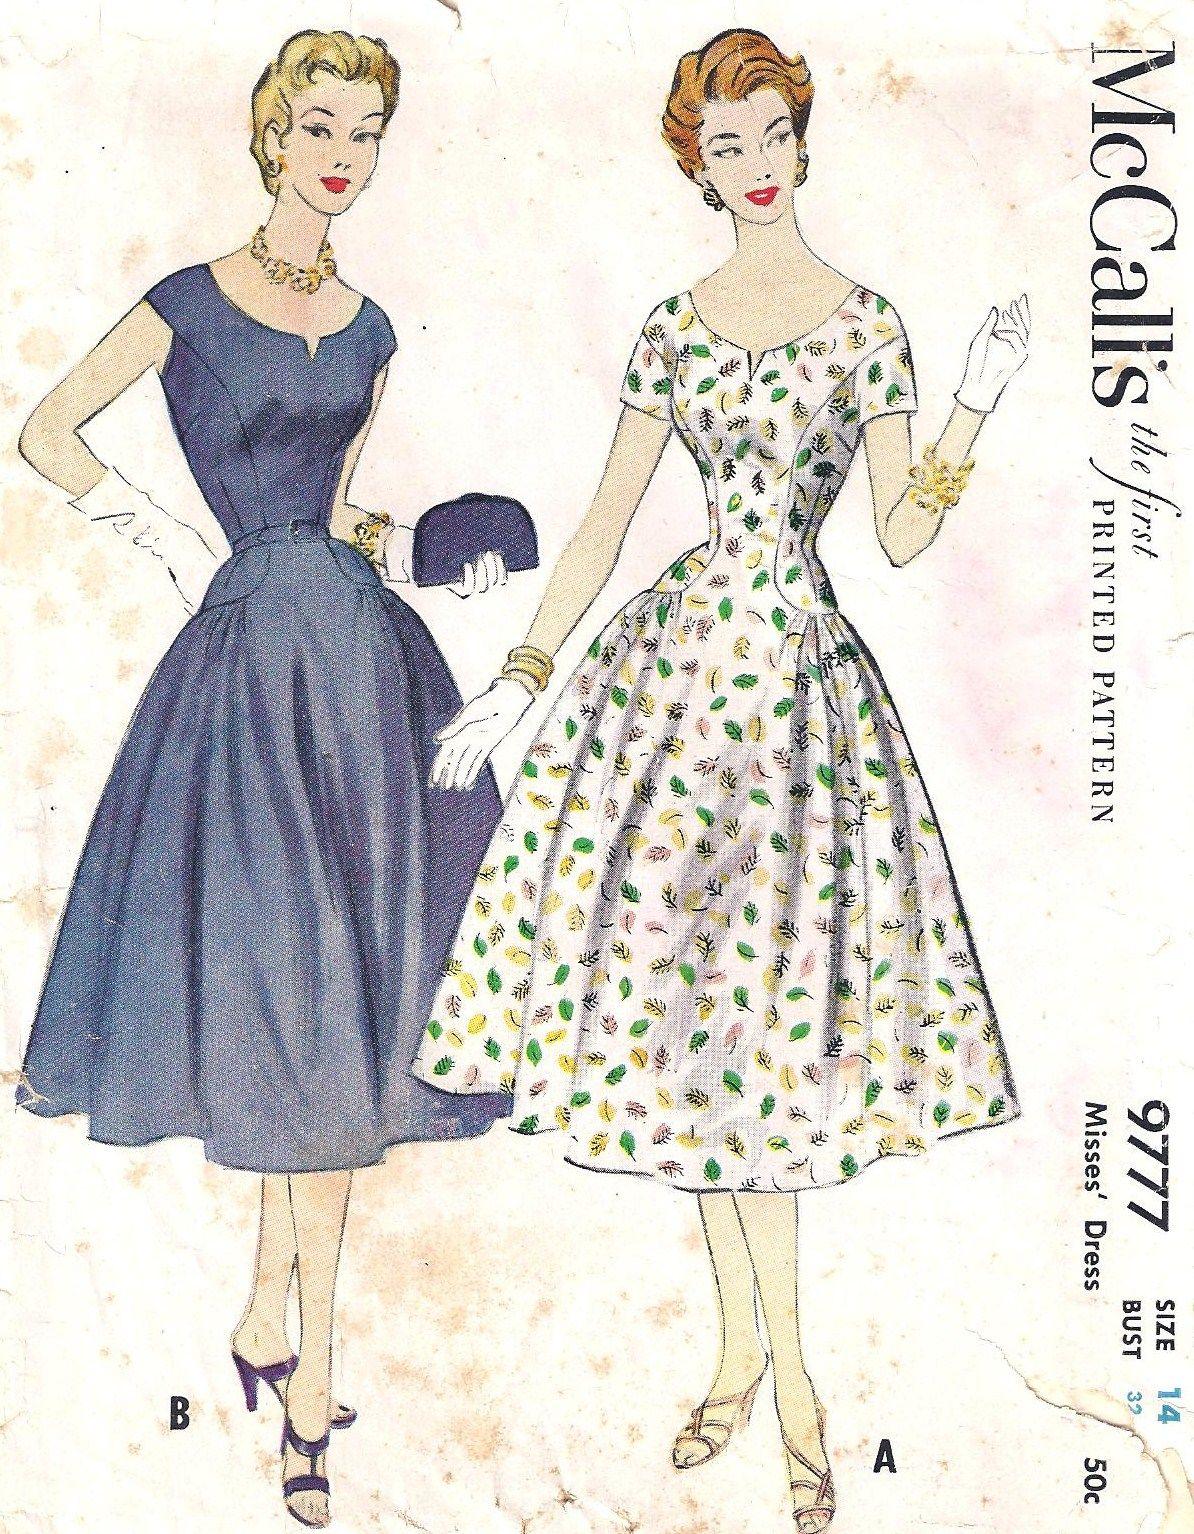 17 best images about Vintage patterns misc on Pinterest | Vintage ...